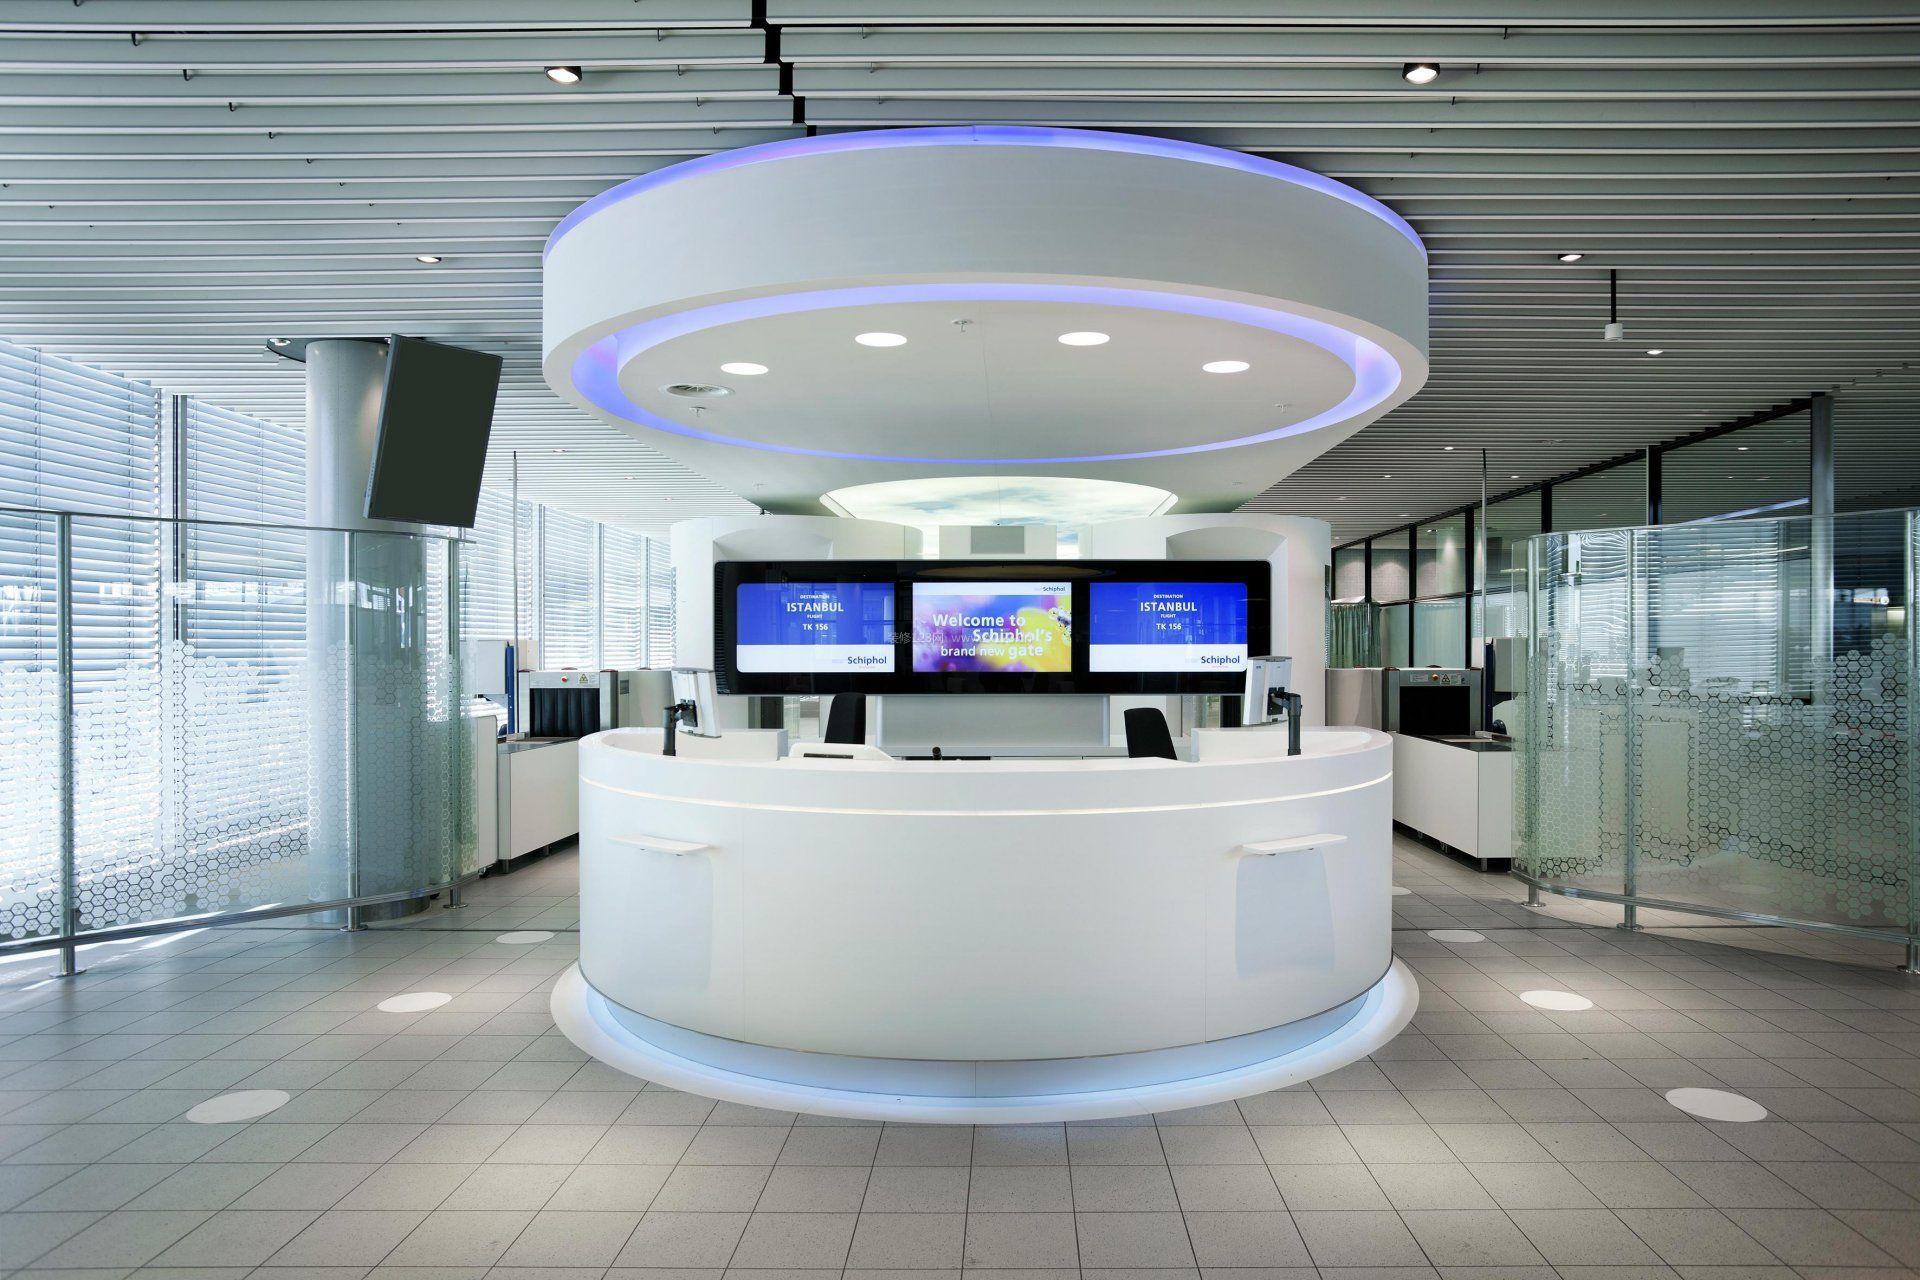 大型公司前台设计效果图图片